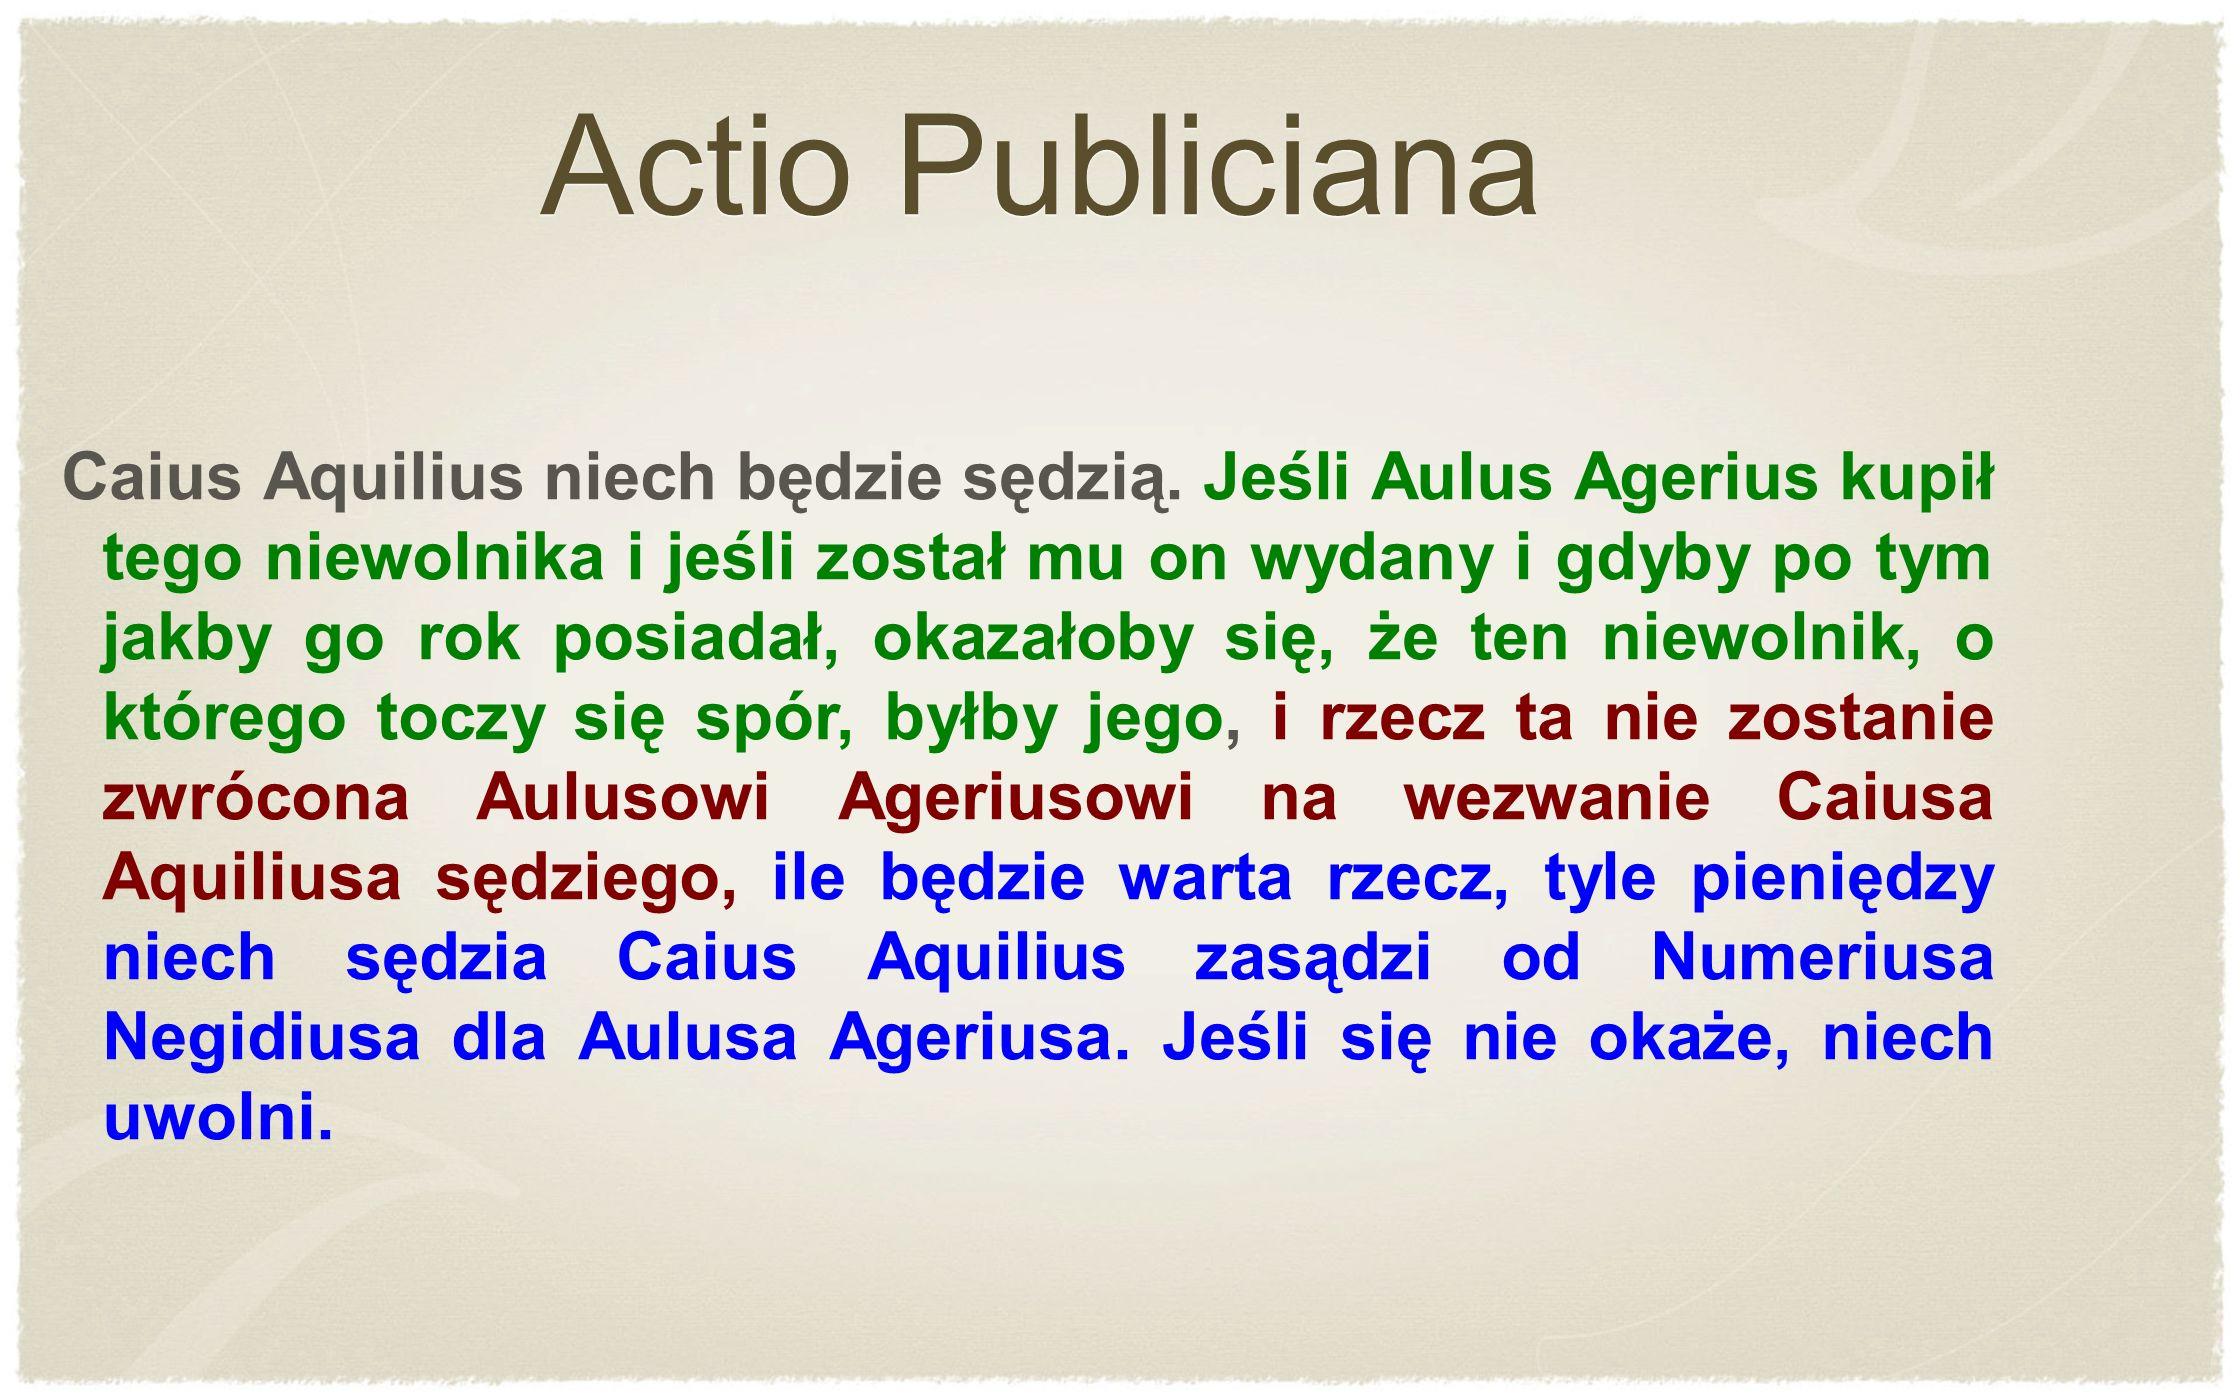 Caius Aquilius niech będzie sędzią. Jeśli Aulus Agerius kupił tego niewolnika i jeśli został mu on wydany i gdyby po tym jakby go rok posiadał, okazał